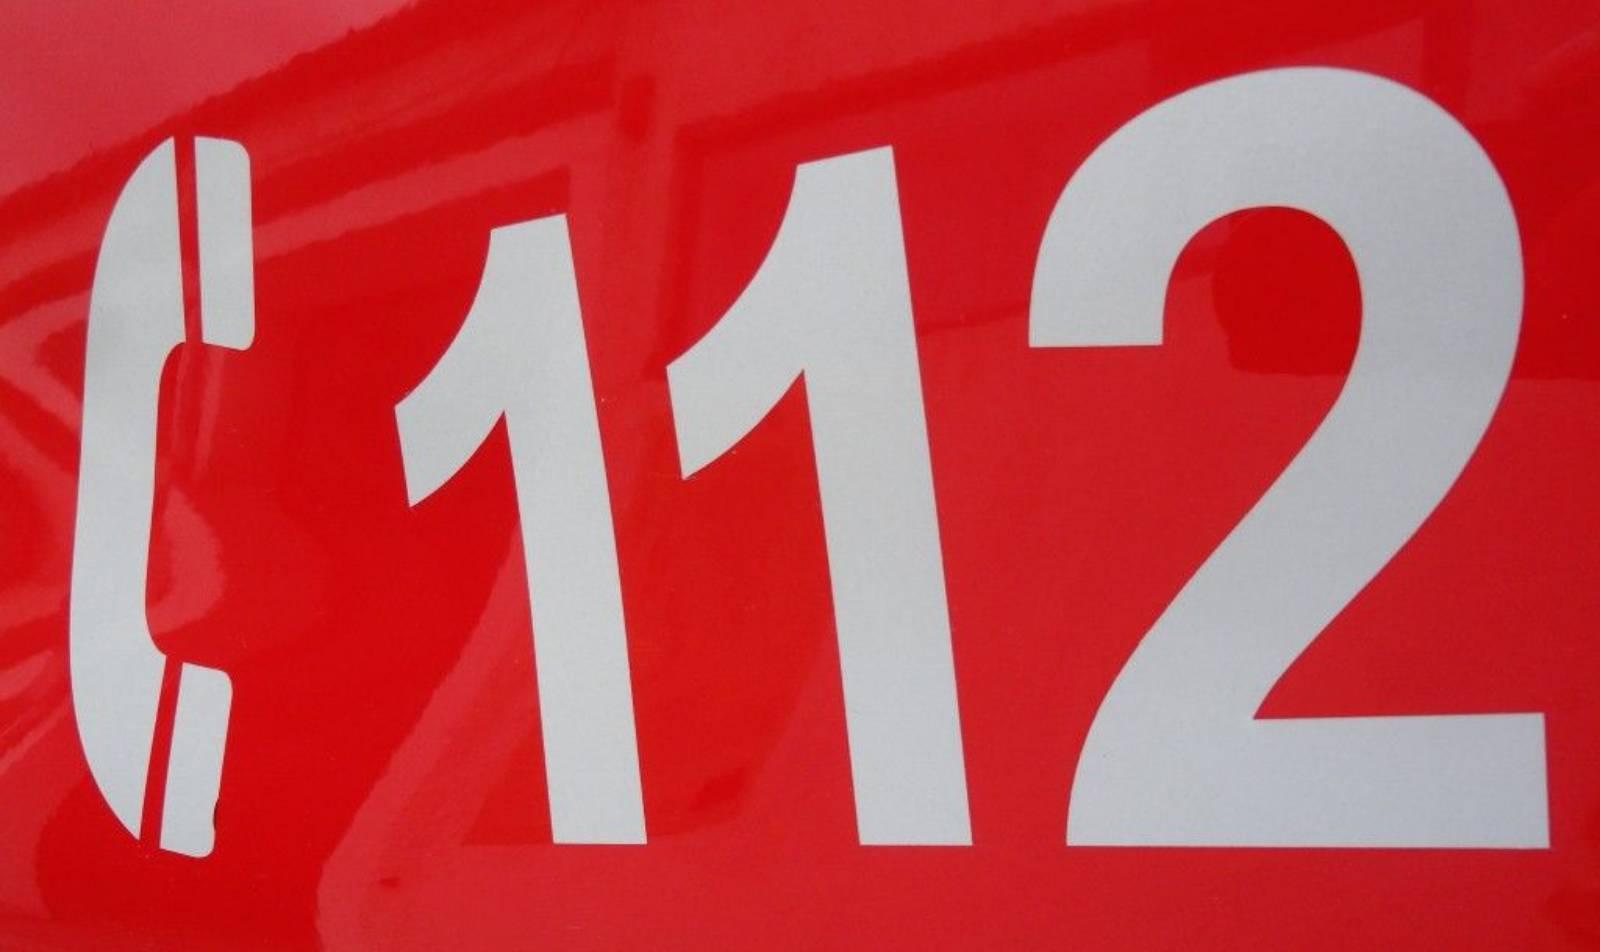 STS. Anunt UIMITOR cu privire la Serviciul de Urgenta 112